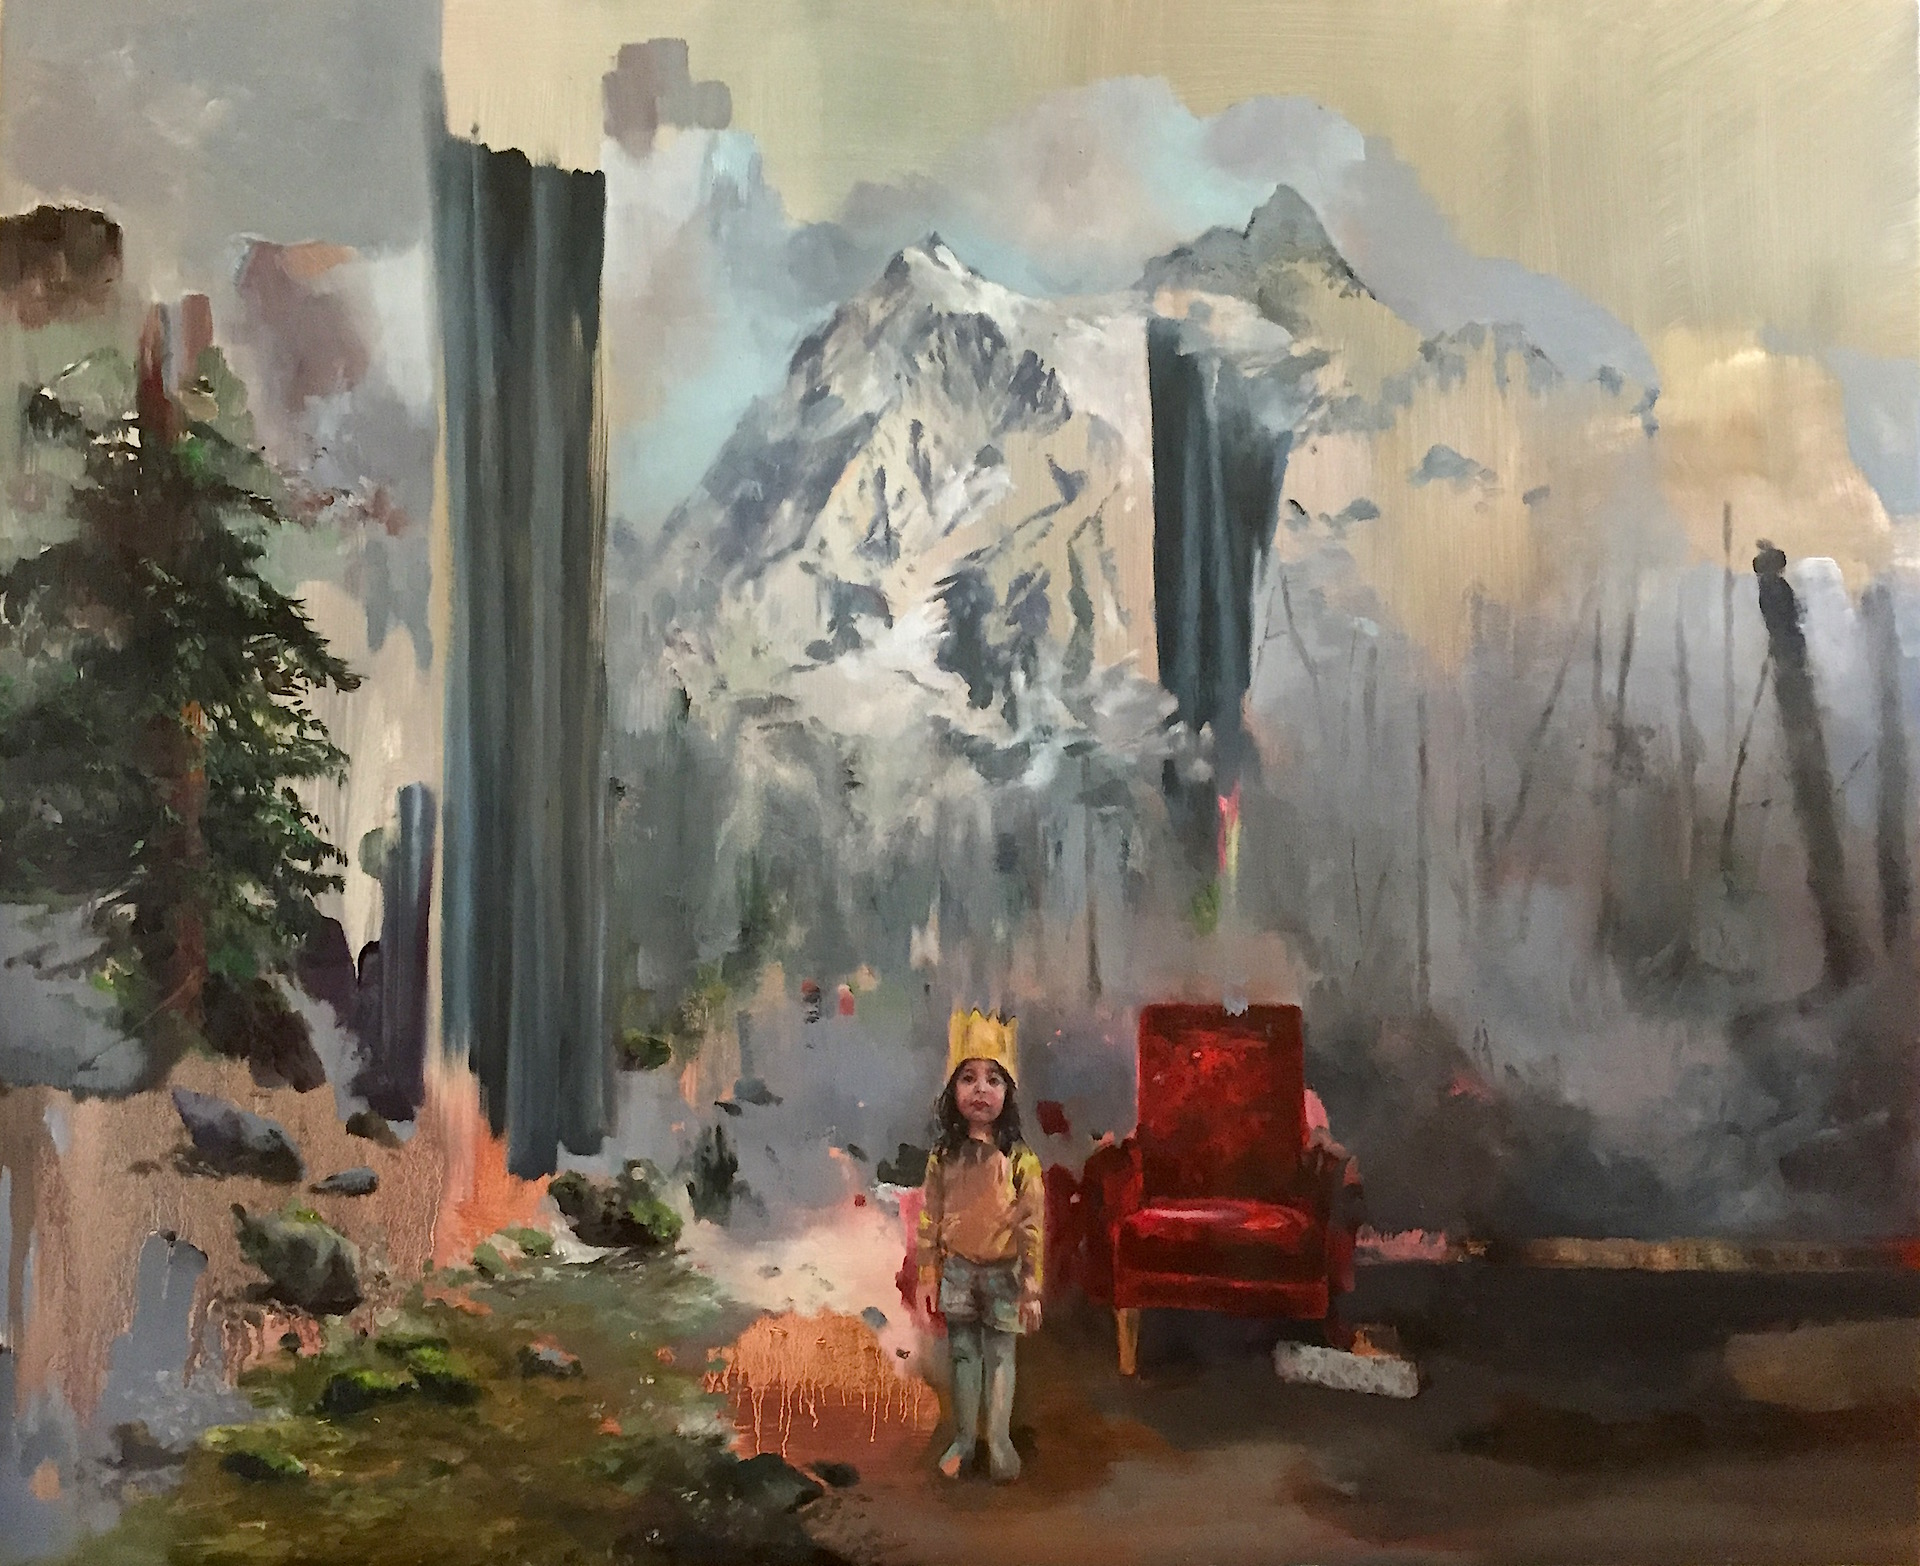 Behind the curtain 2017 Oil on canvas 60x50.JPG